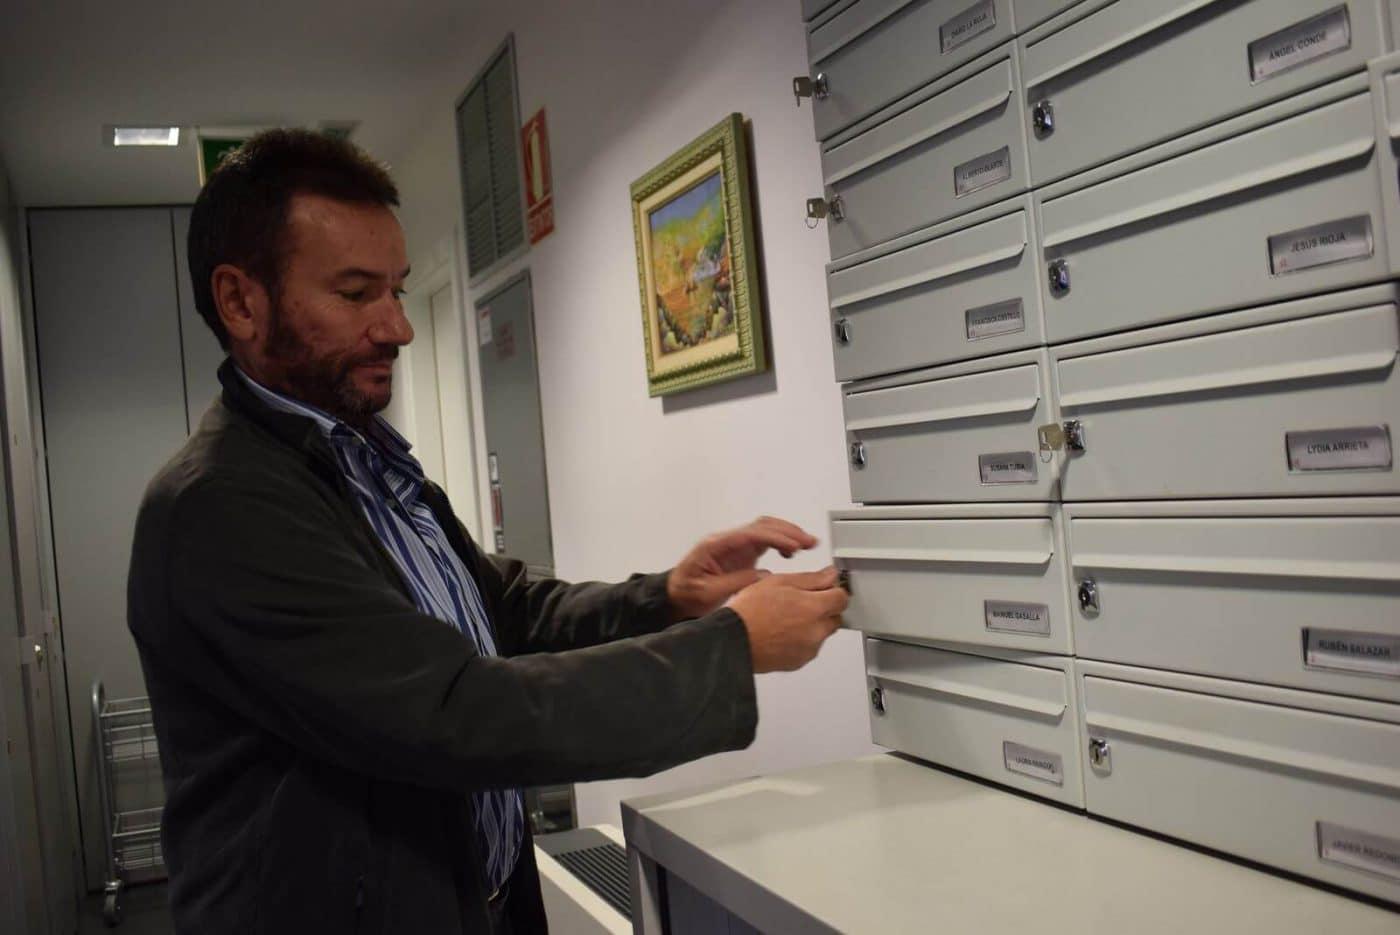 Gasalla entrega su acta de concejal y abandona el Ayuntamiento de Haro 1